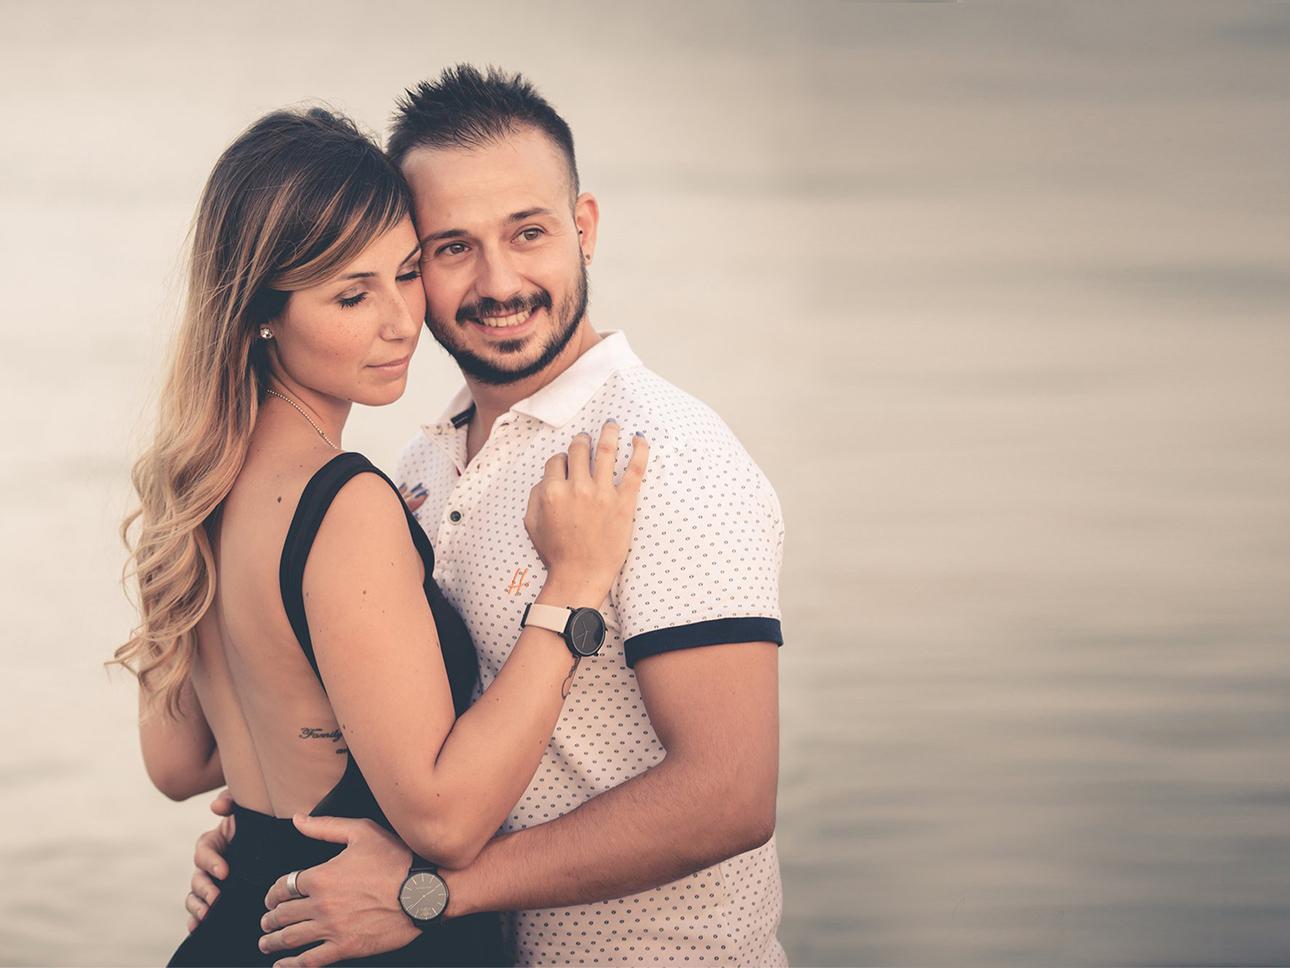 fotografo prematrimomaniale Cagliari + Engagement